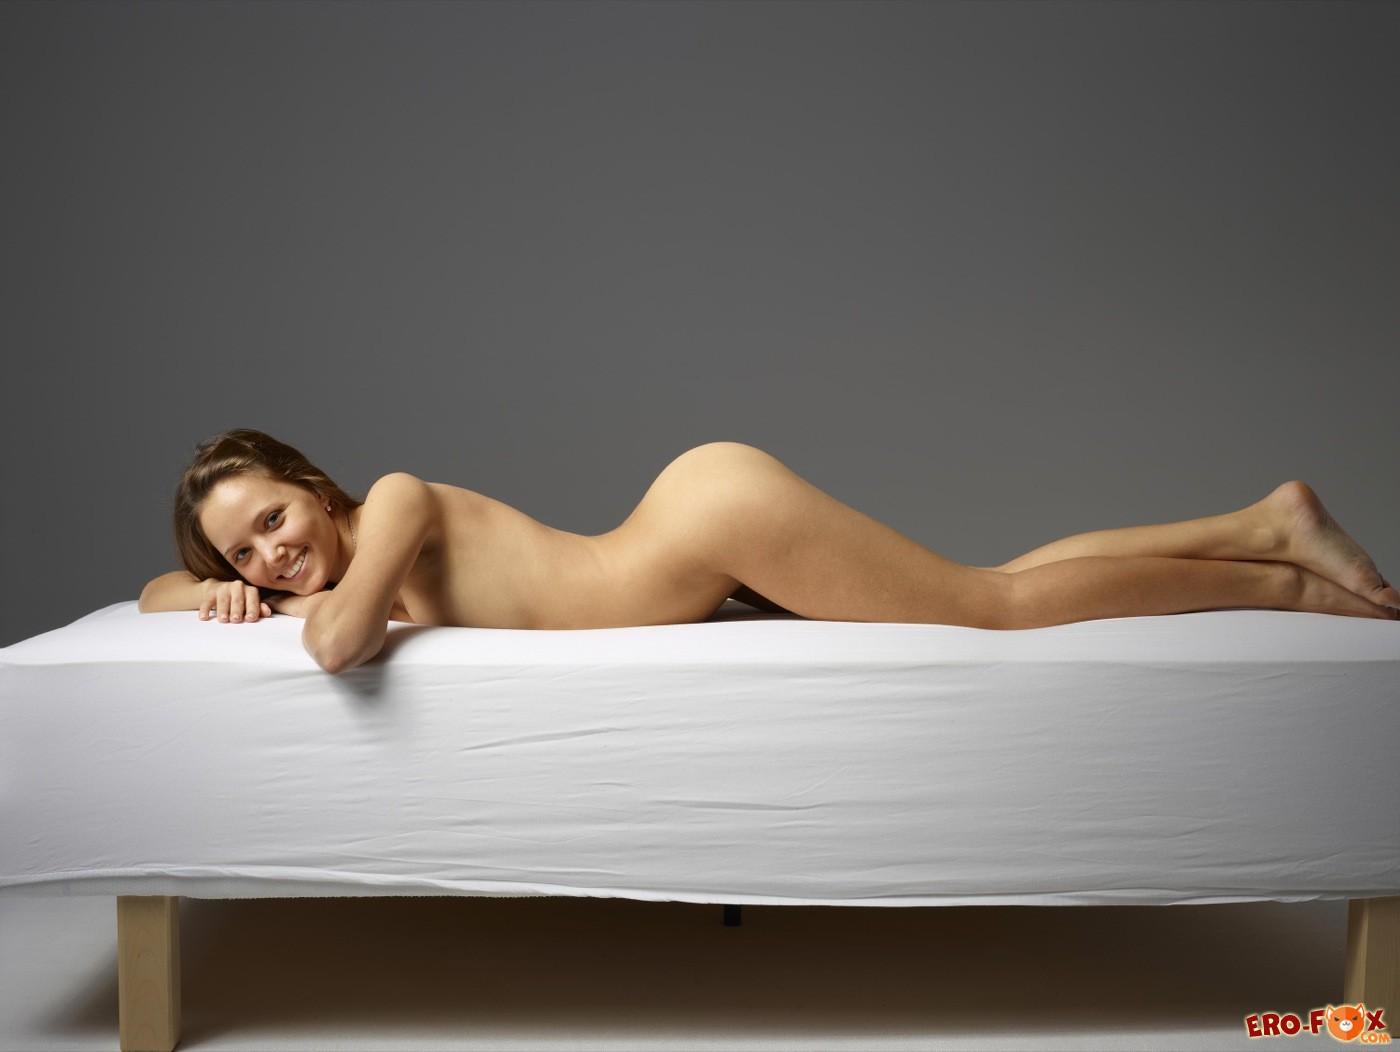 Молодая милашка с голыми сиськами и бритой писькой - фото